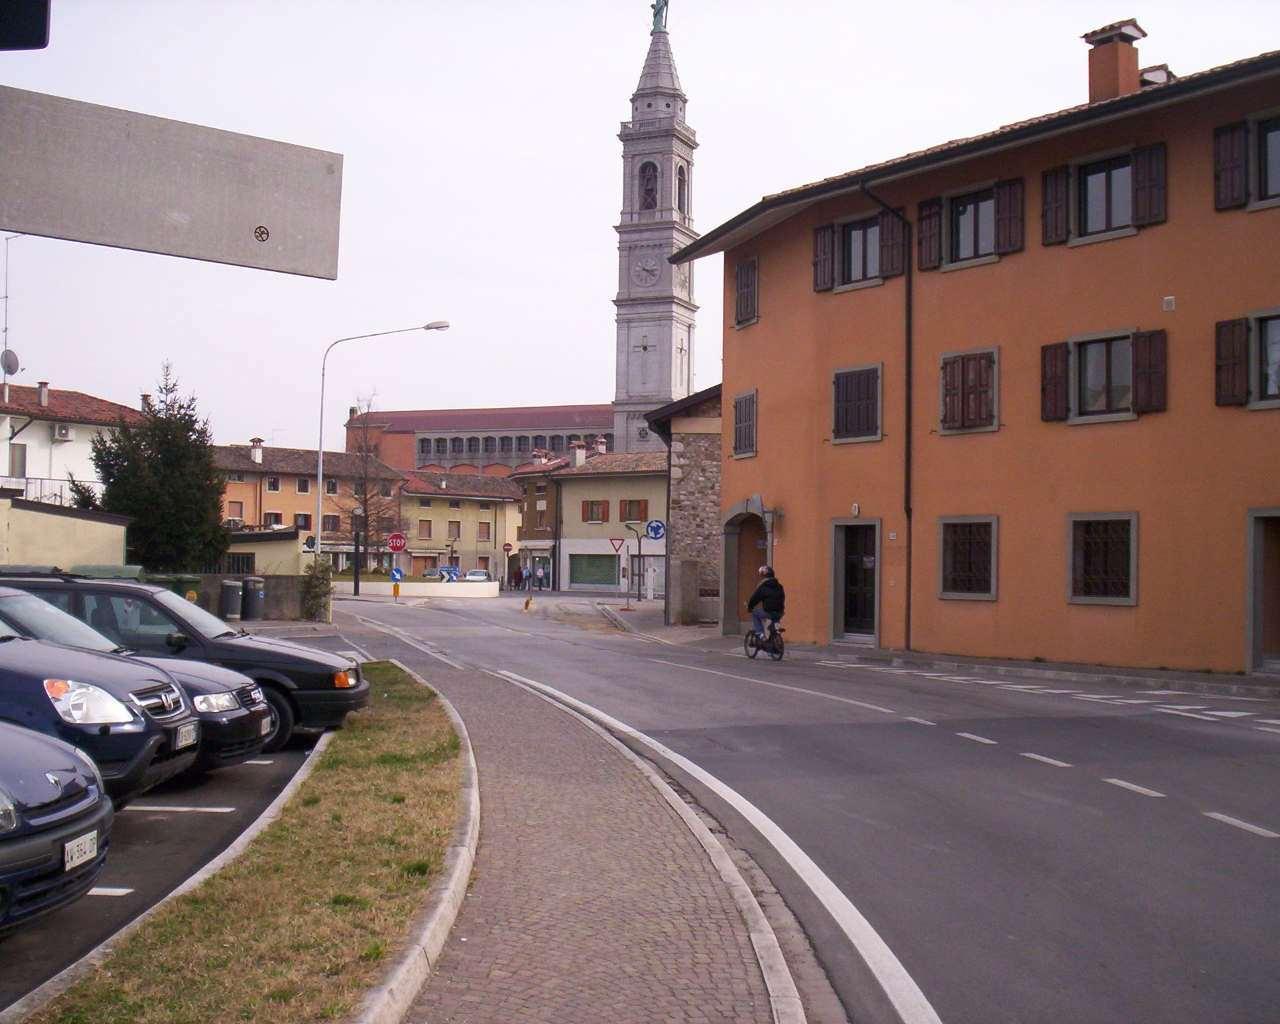 Piazza Matteotti - Pasian di Prato 02